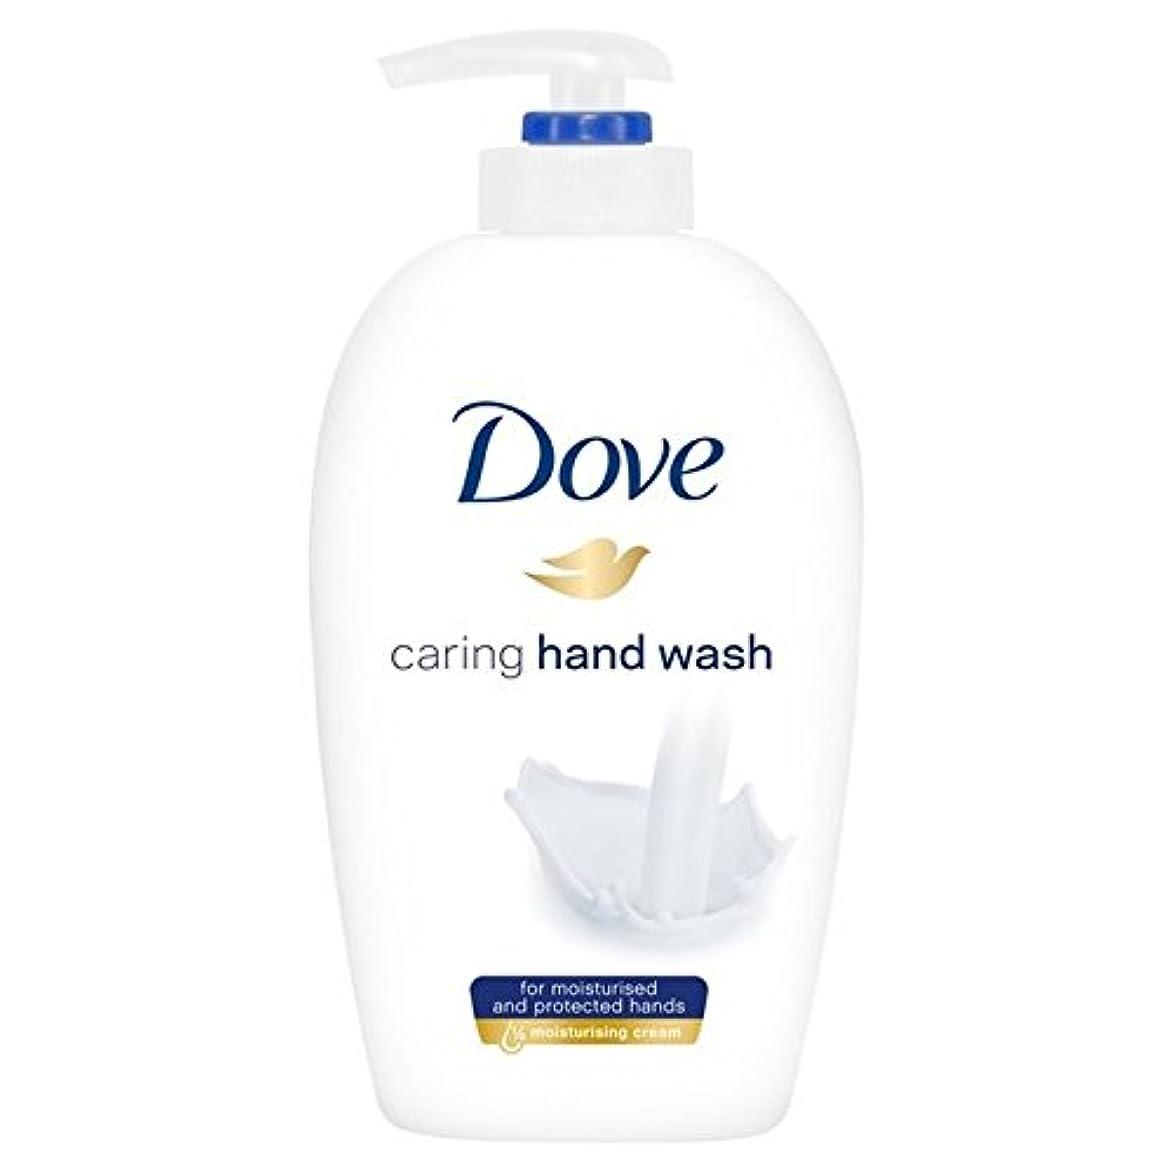 歌手同志傷つける鳩思いやり手洗い250ミリリットル x4 - Dove Caring Hand Wash 250ml (Pack of 4) [並行輸入品]